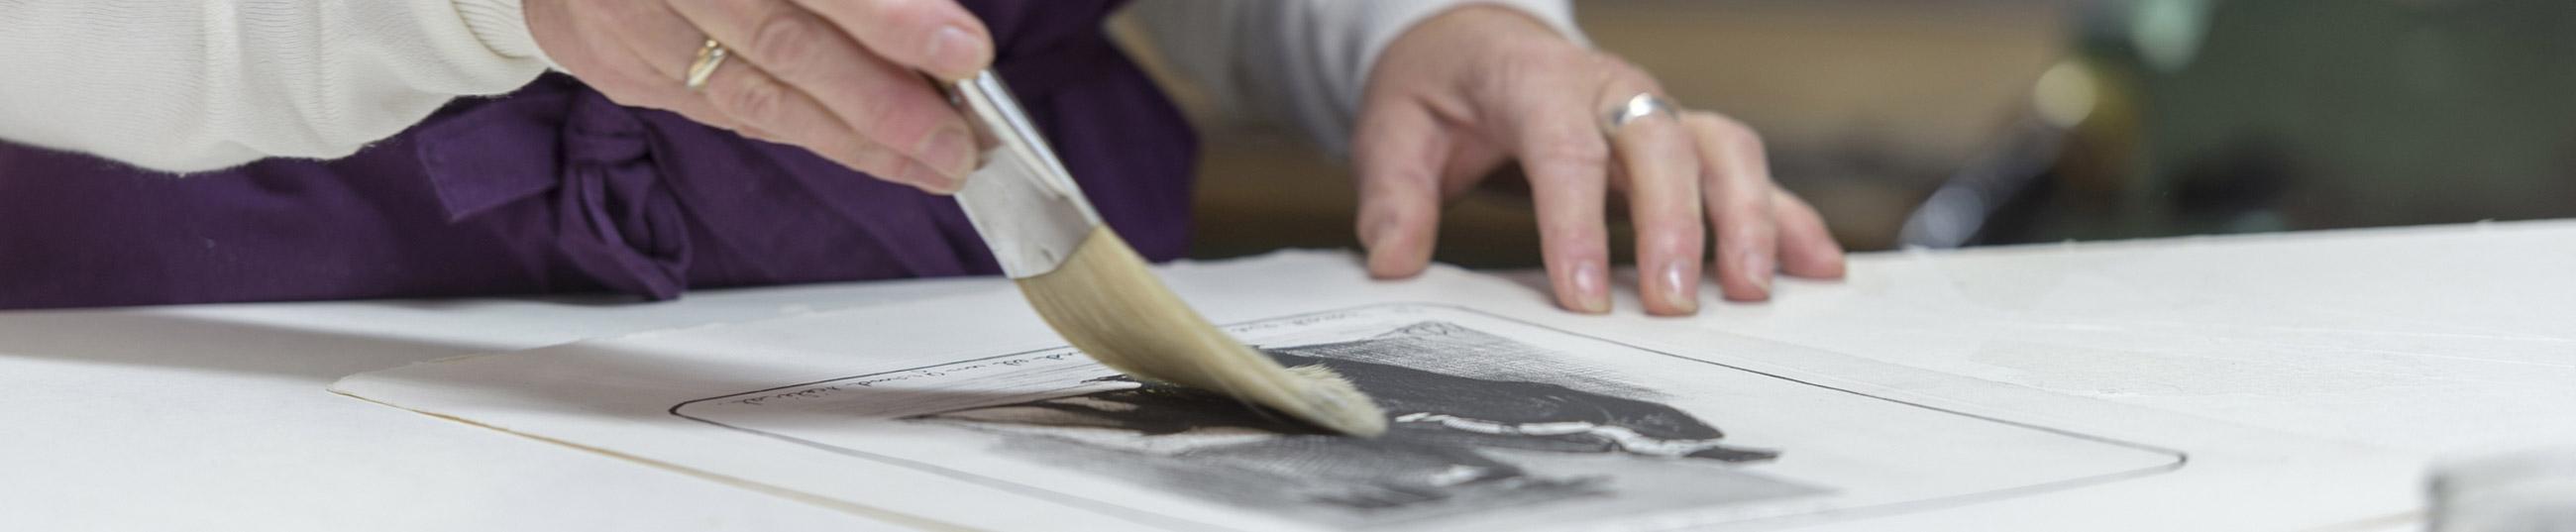 Restauration d'oeuvres d'art et de cadres anciens